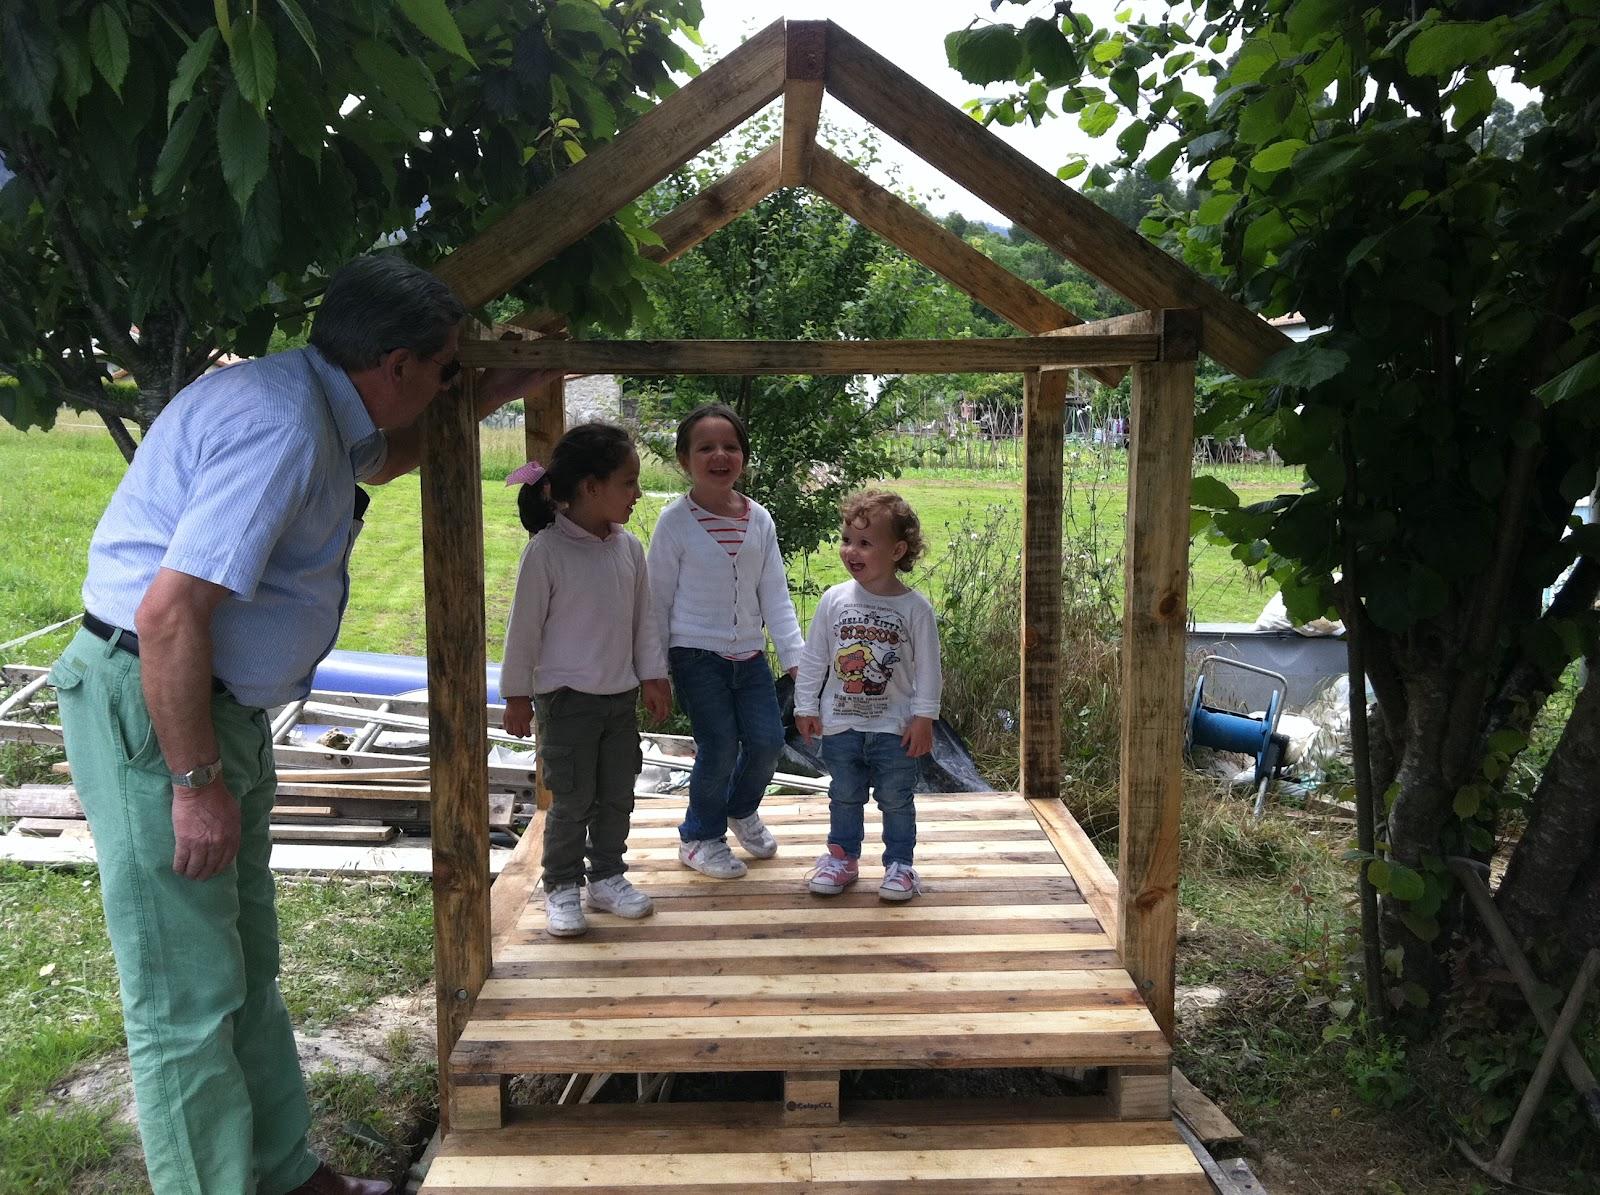 De bebes como construir una casita infantil de madera for Como construir una casita de madera